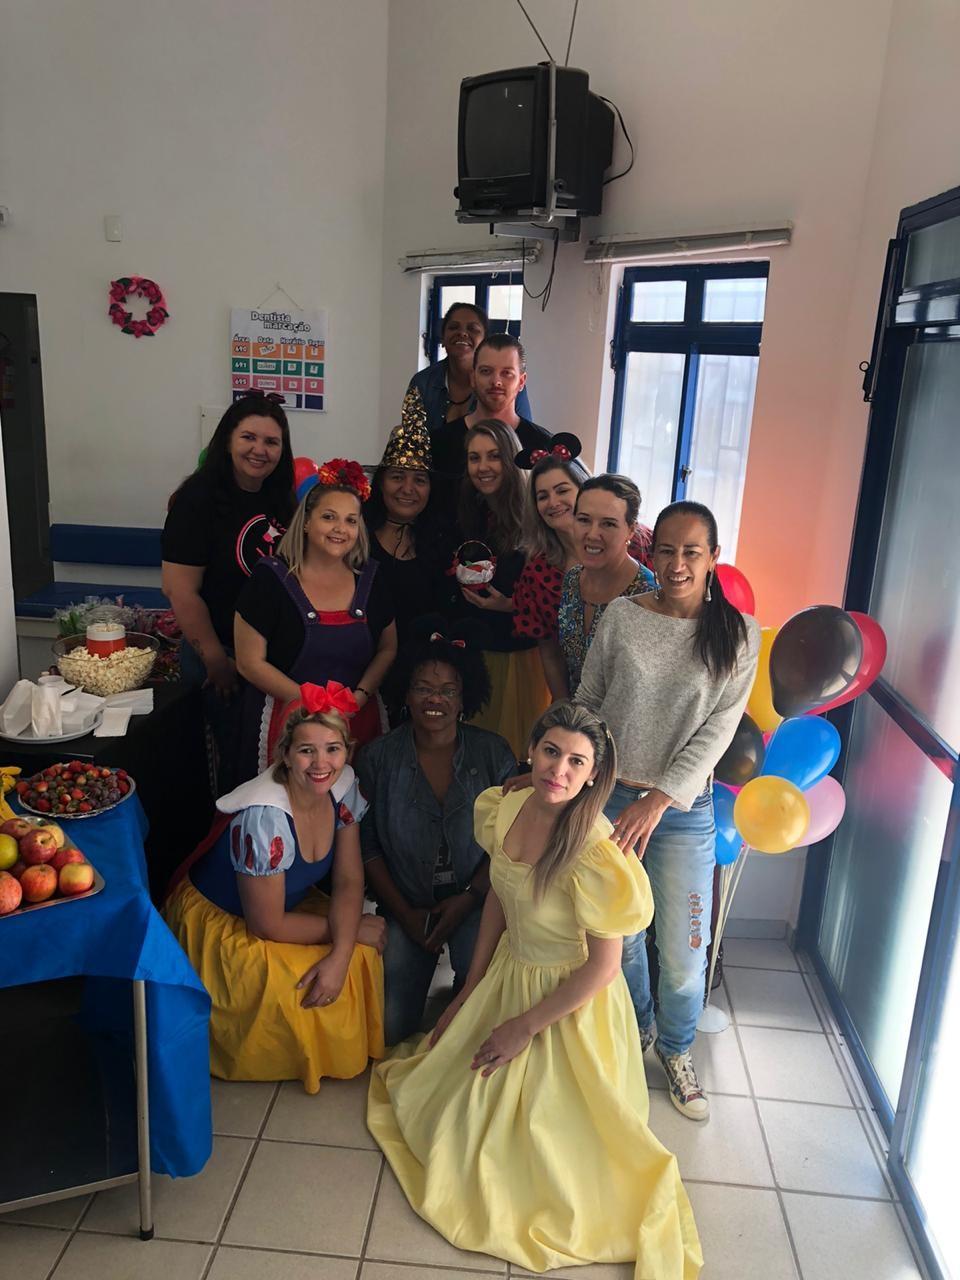 Posto de saúde em SC tem Dia D de vacinação divertido com pipoca, balões e servidoras vestidas de princesas - Notícias - Plantão Diário